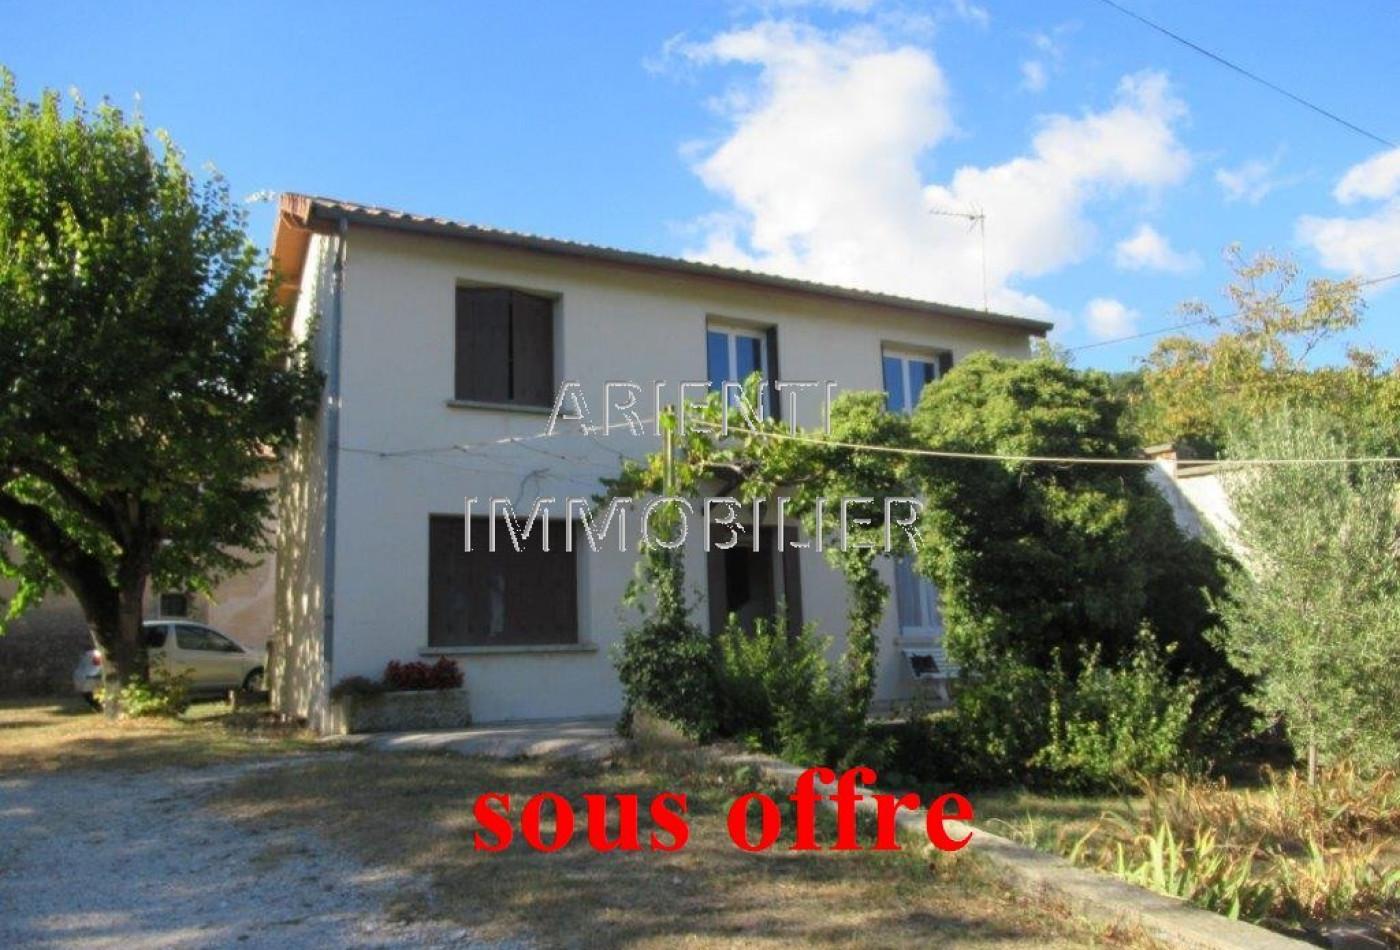 A vendre  Dieulefit | Réf 260012917 - Office immobilier arienti